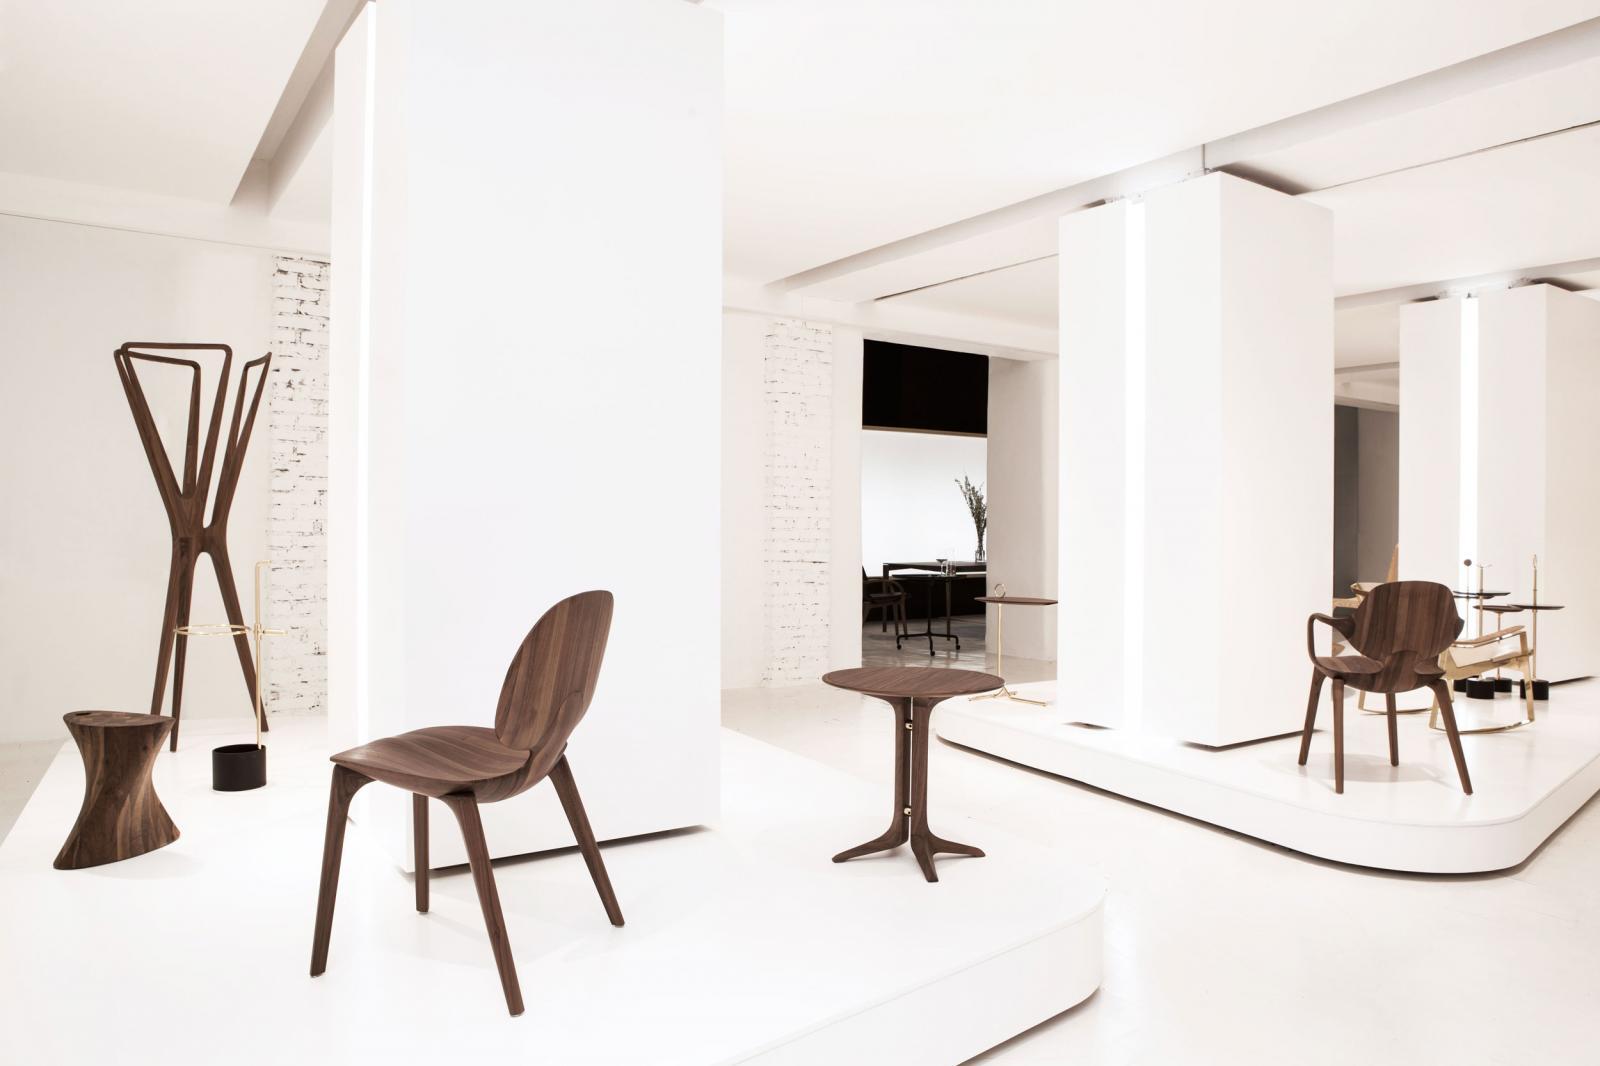 Milan Design 2017 - Jader Almeida - Cadeira Clad